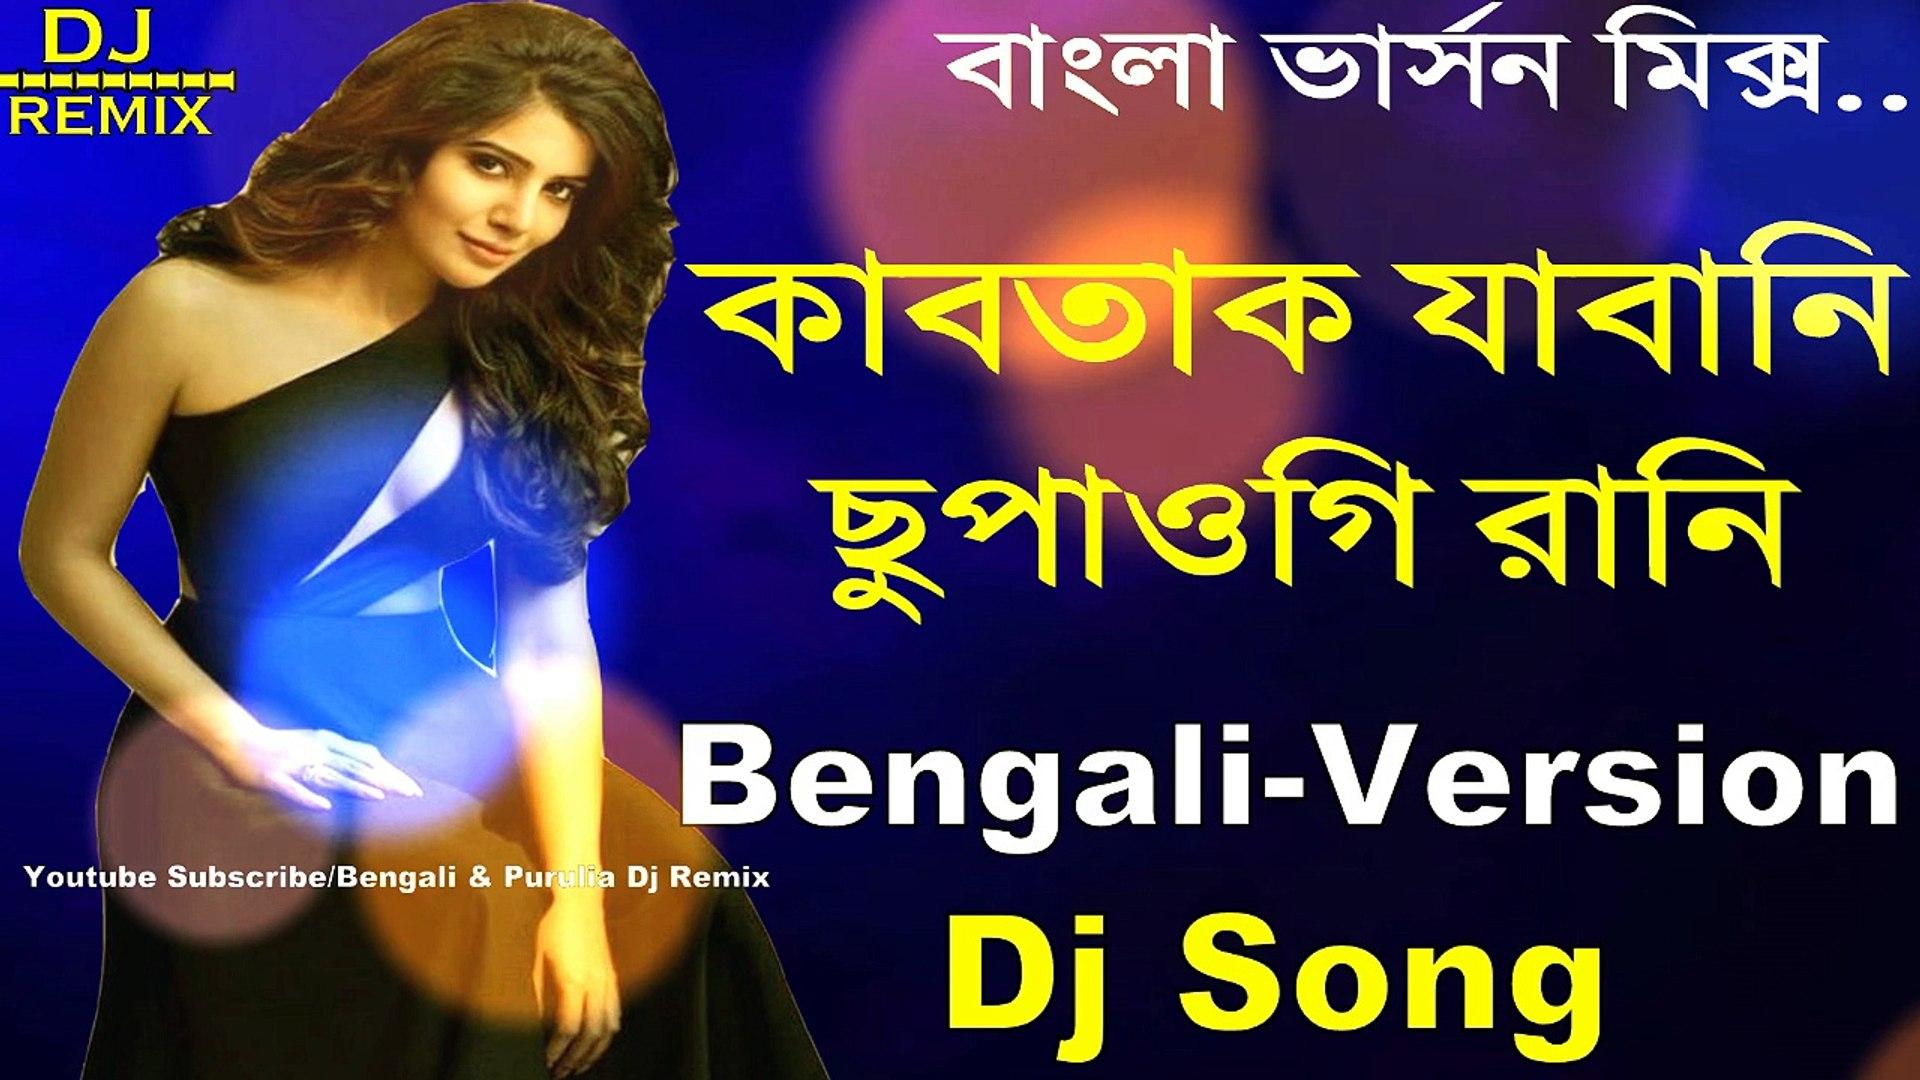 Kabtak Jawani Chupaogi Rani (Bengali Version Mix) Dj Song    Bengali  Version Mix